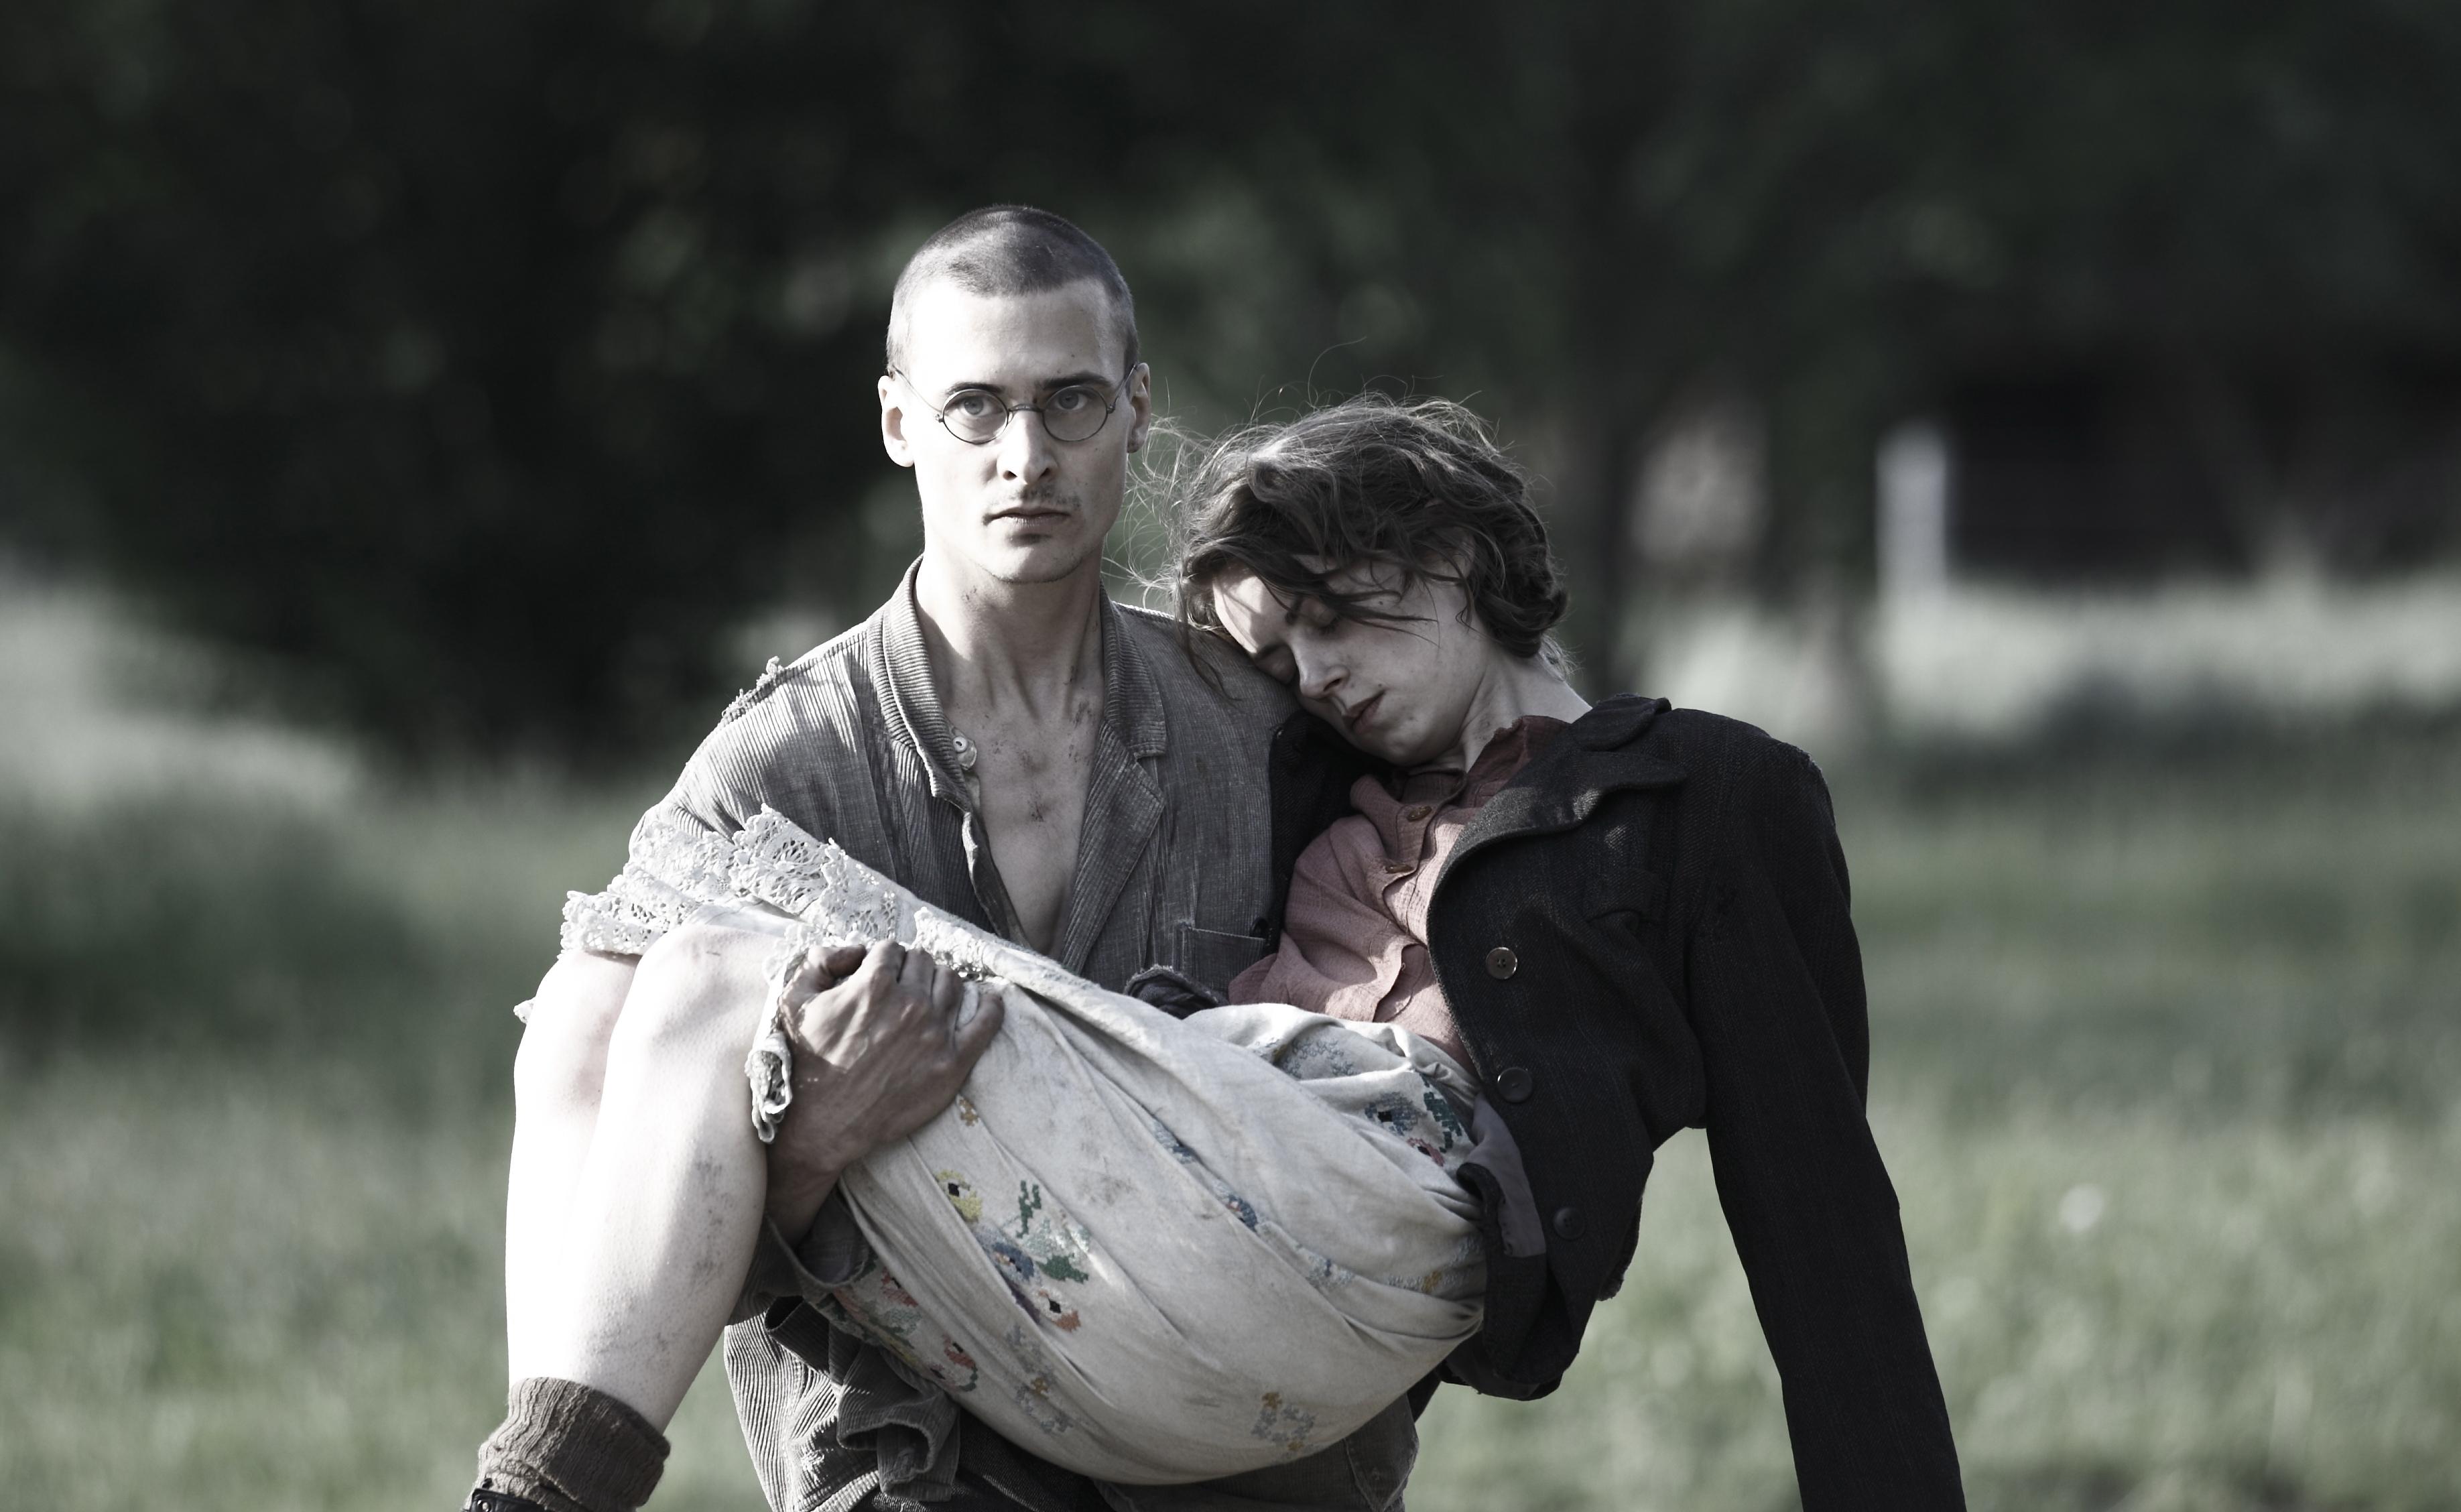 Mateusz Damiecki & Alice Dwyer 02